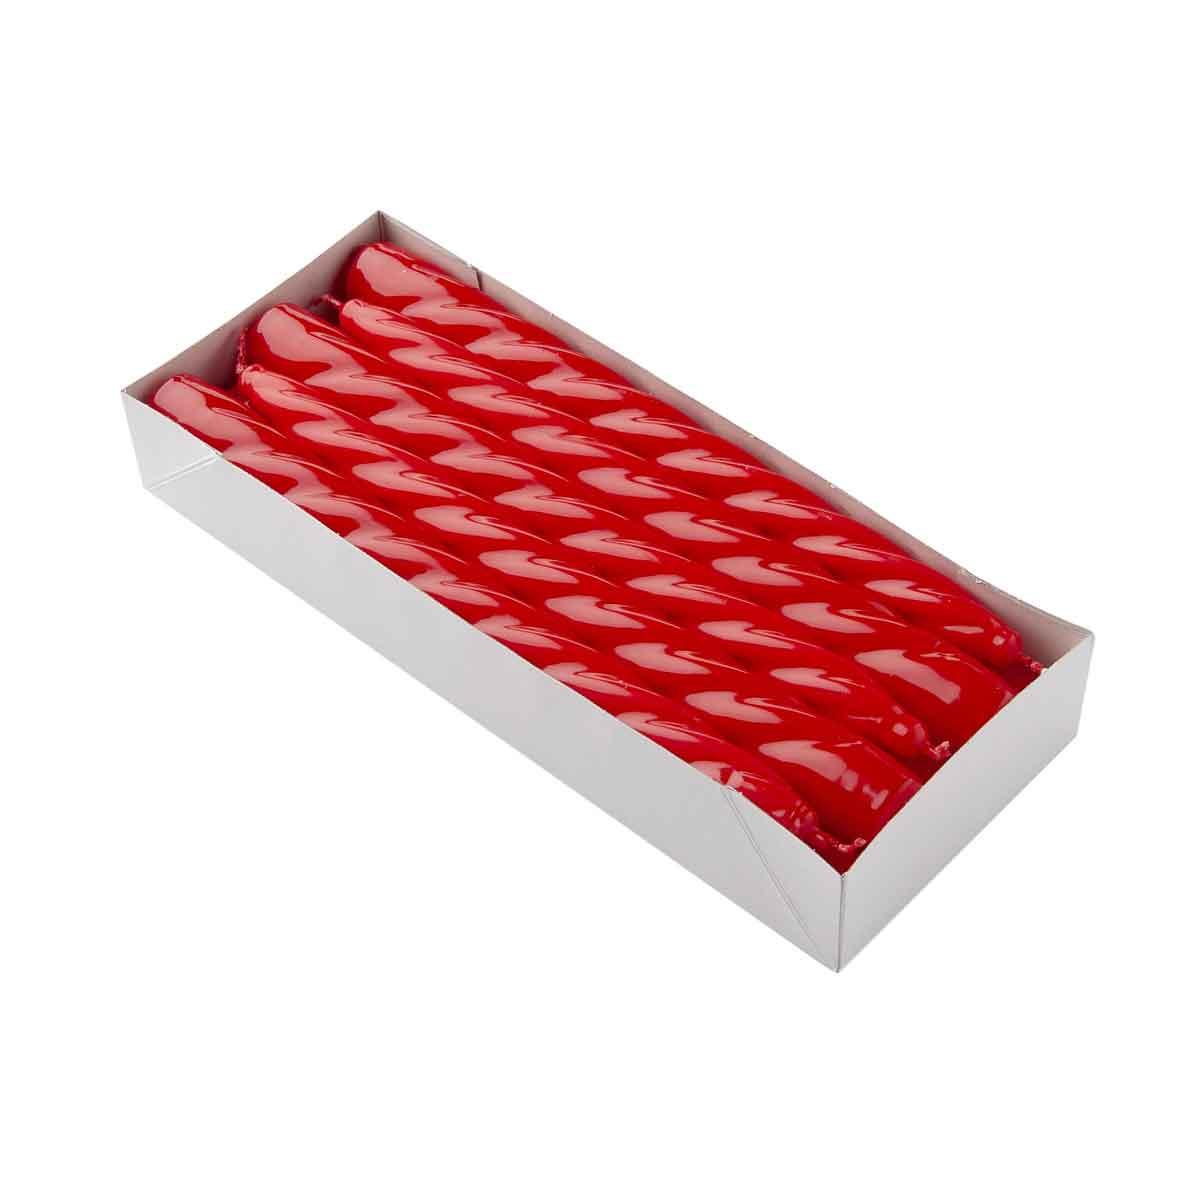 Candela Conica altezza 23cm in Box da 10 pezzi color Rosso o Bordeaux